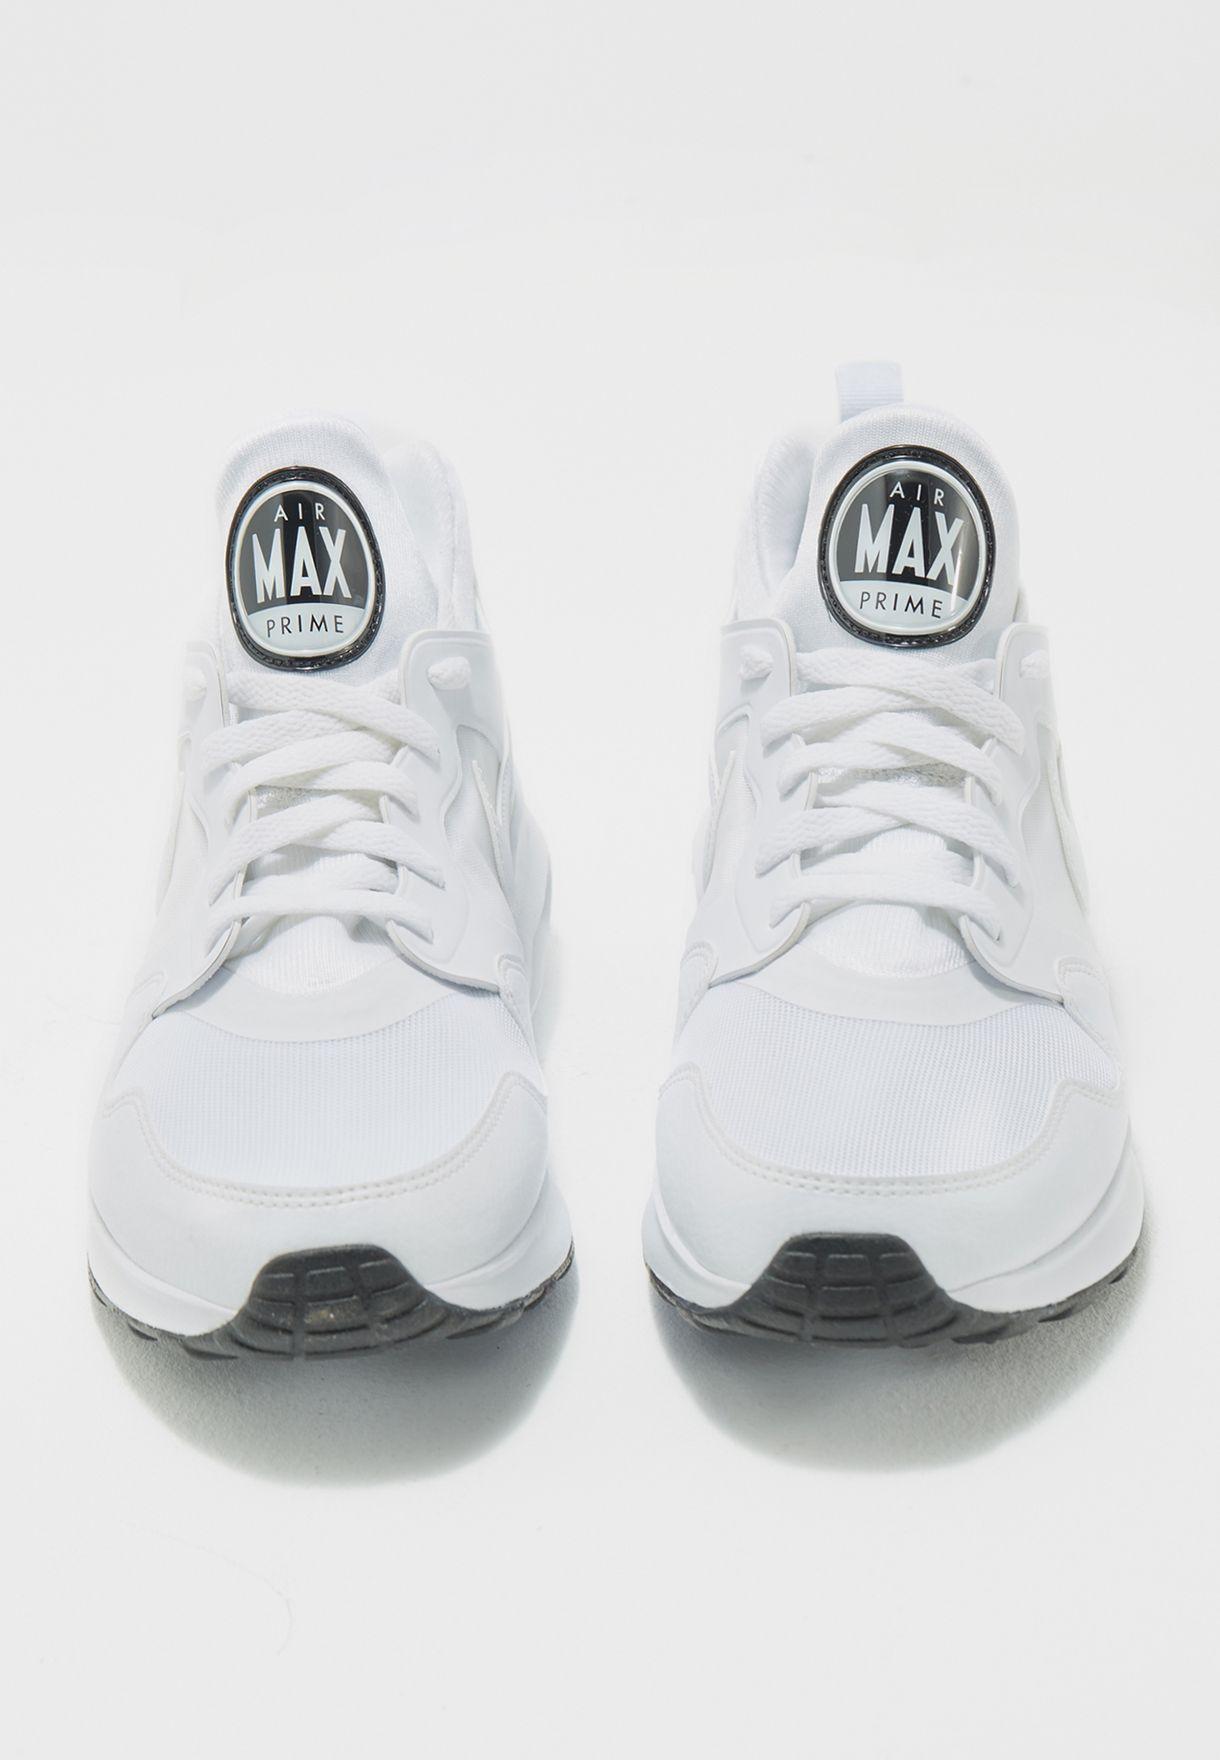 حذاء اير ماكس برايم